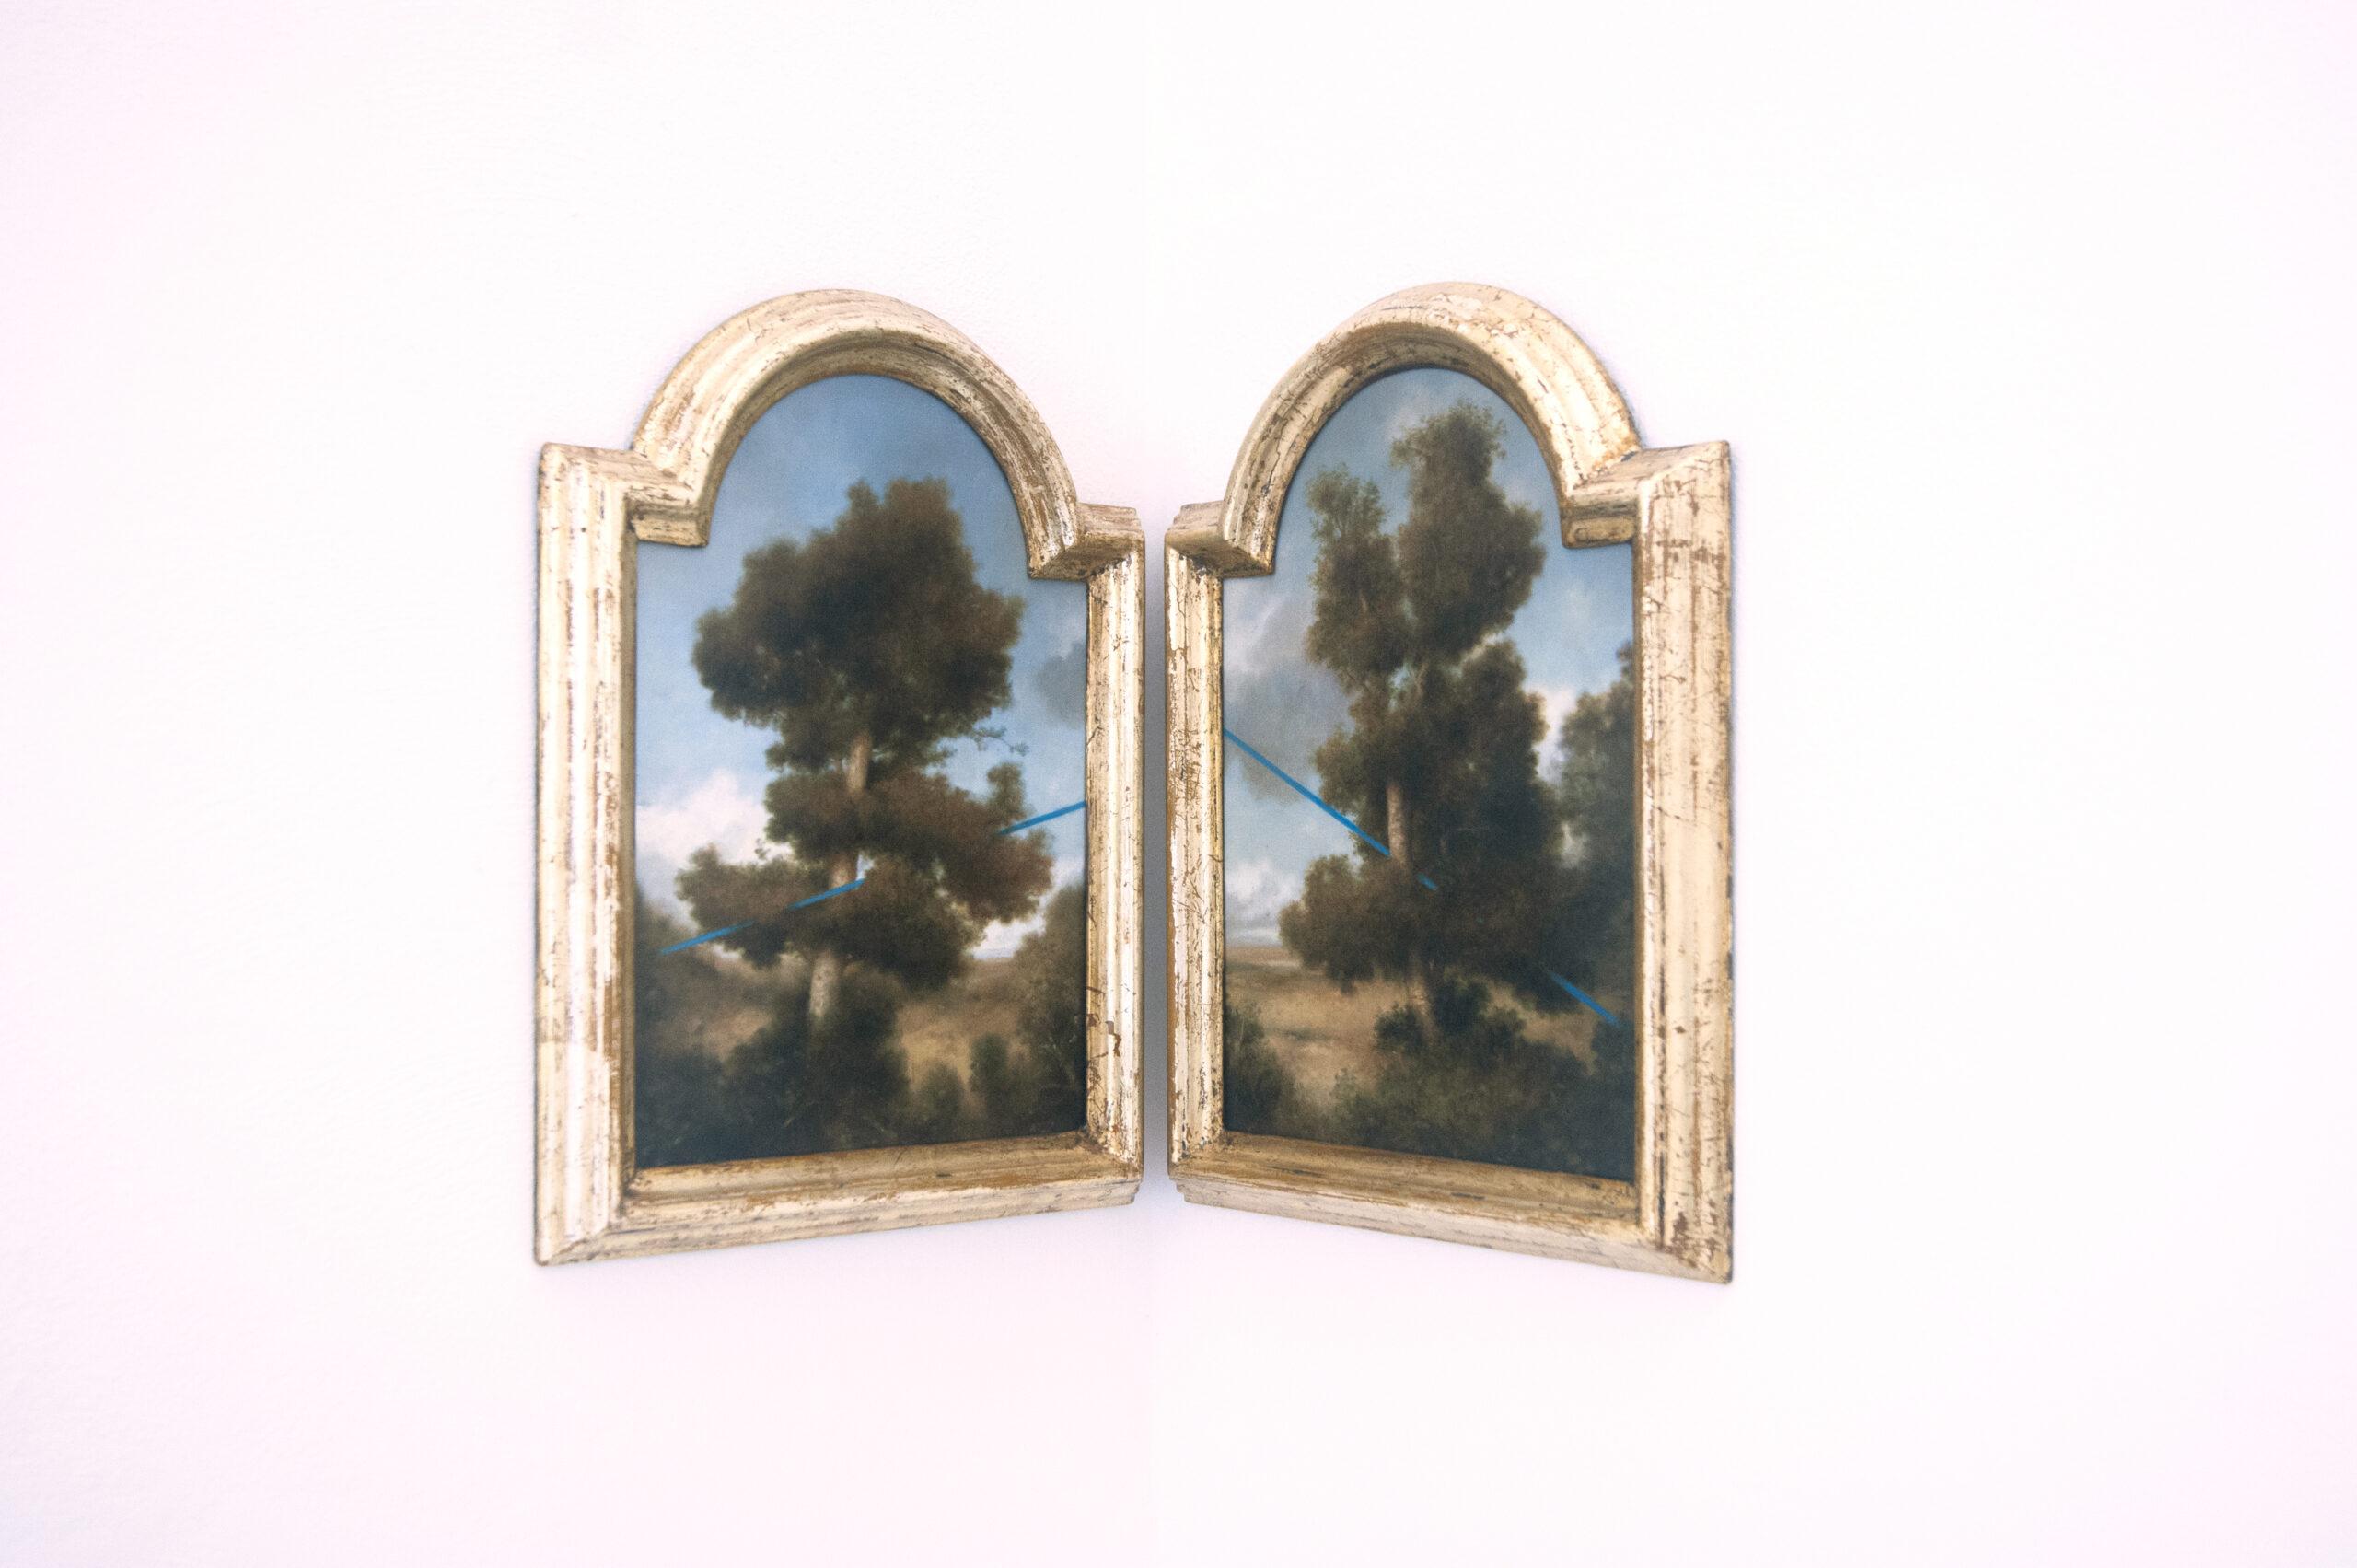 Spostare l'immaginario. Niccolò Masini e Marcello Nitti in mostra al Must di Lecce